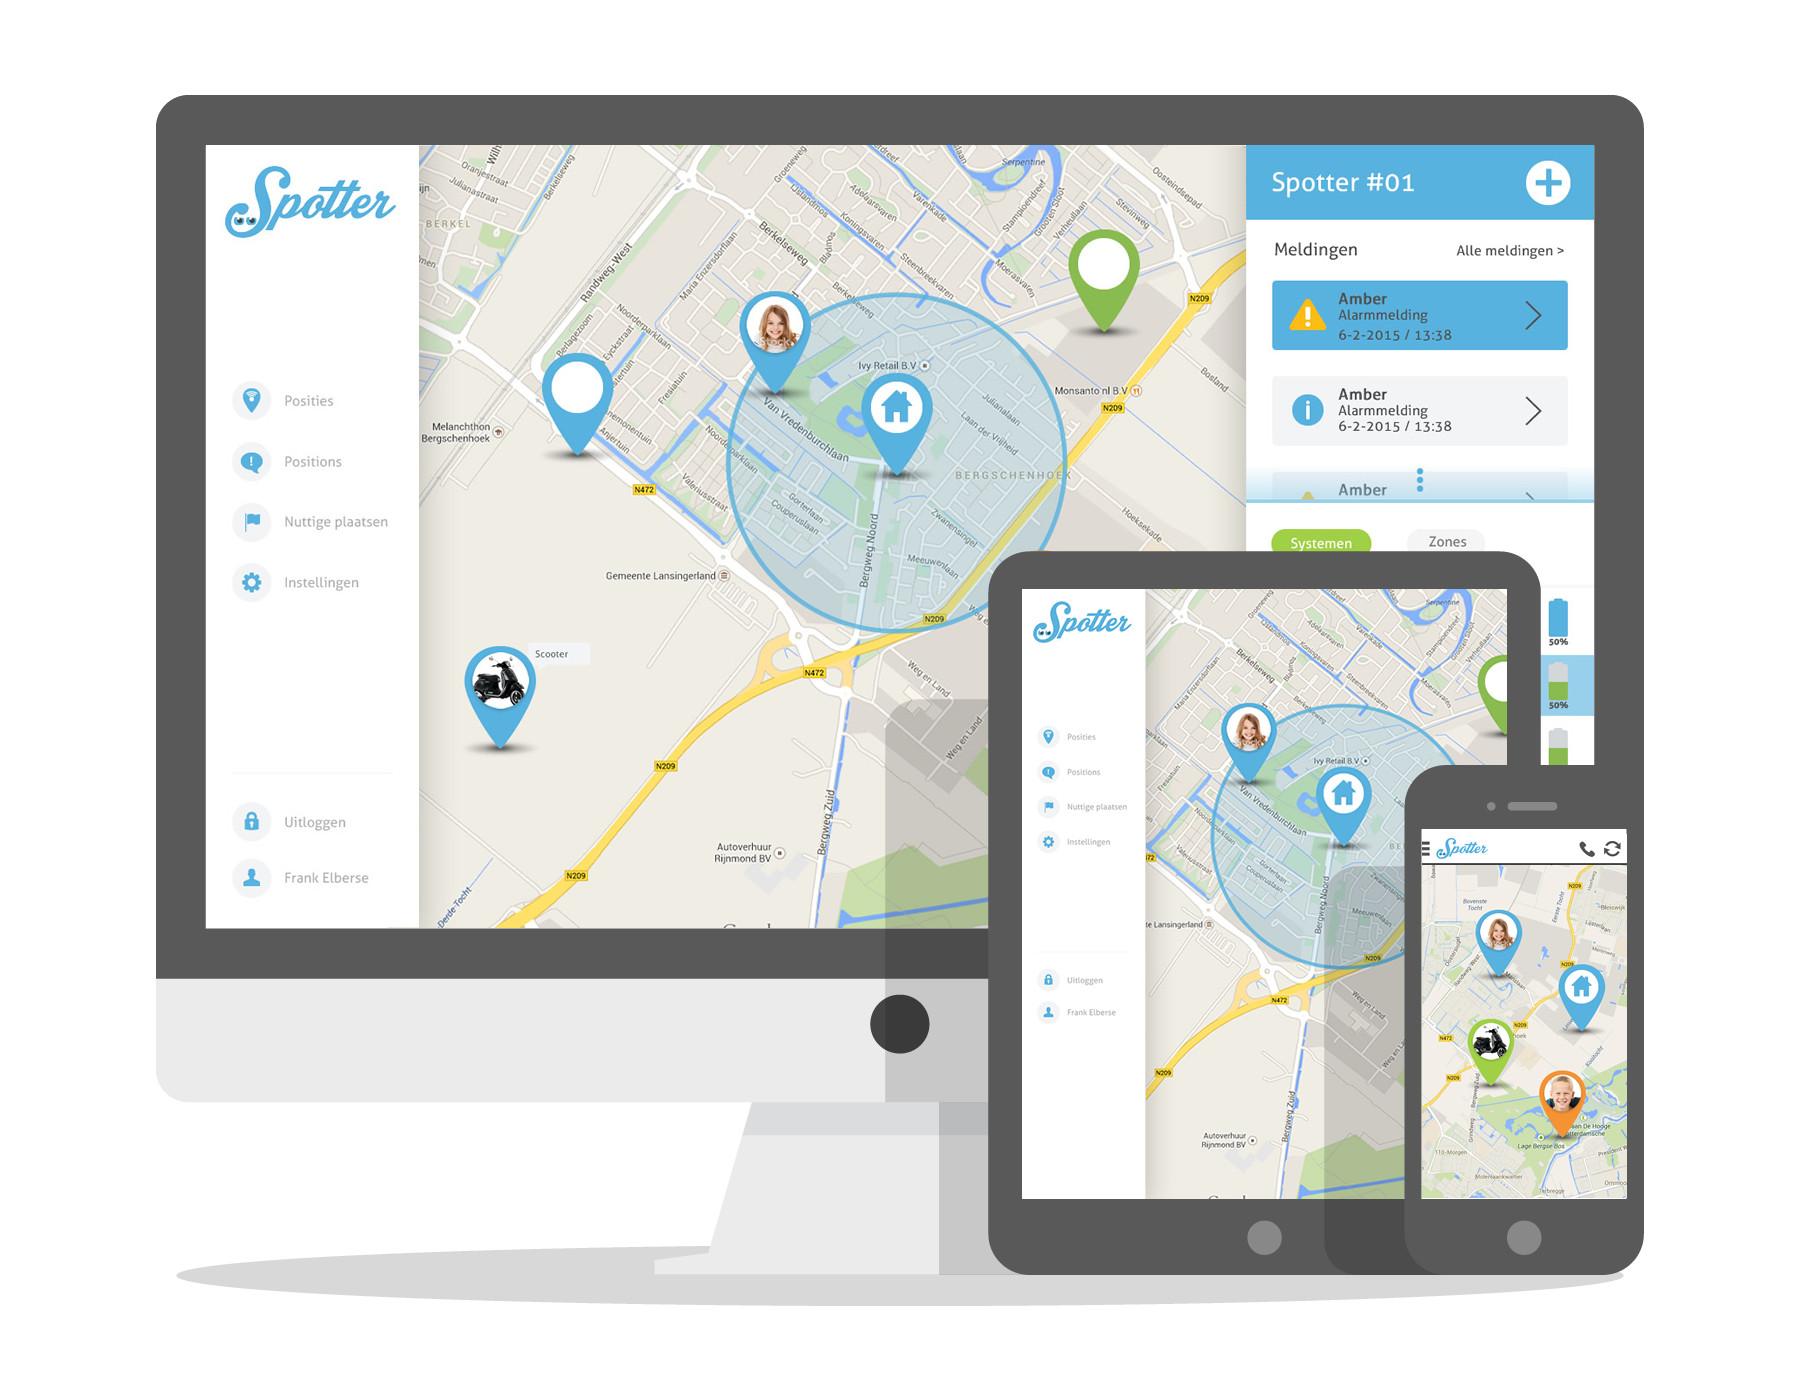 GPS tracker dementie Spotter - online